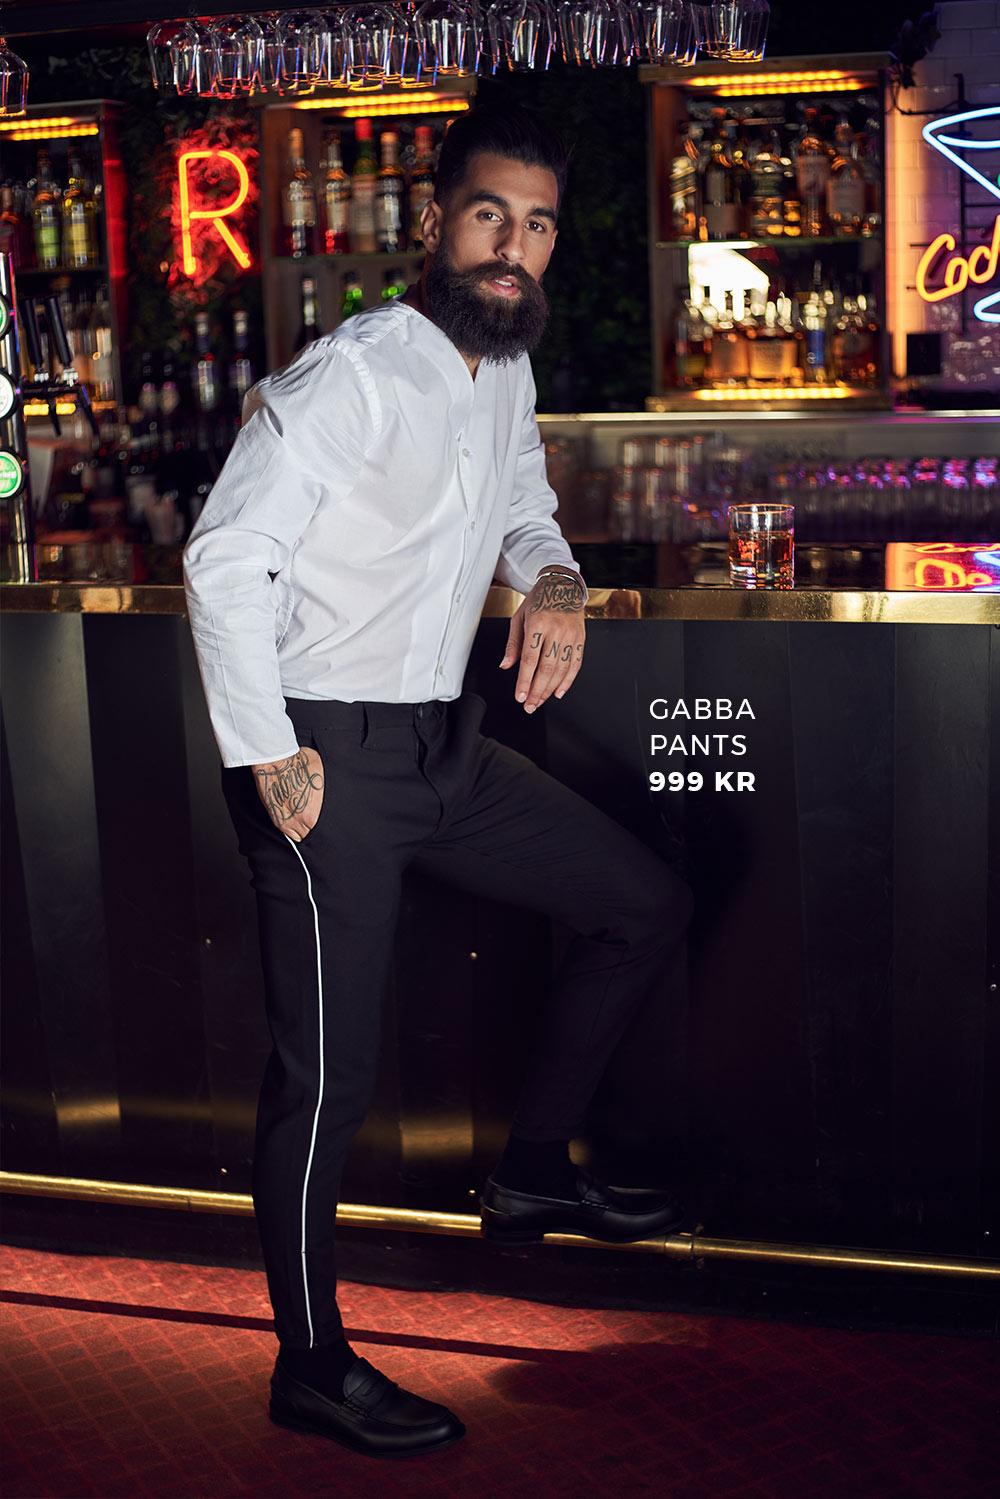 Gabba pants